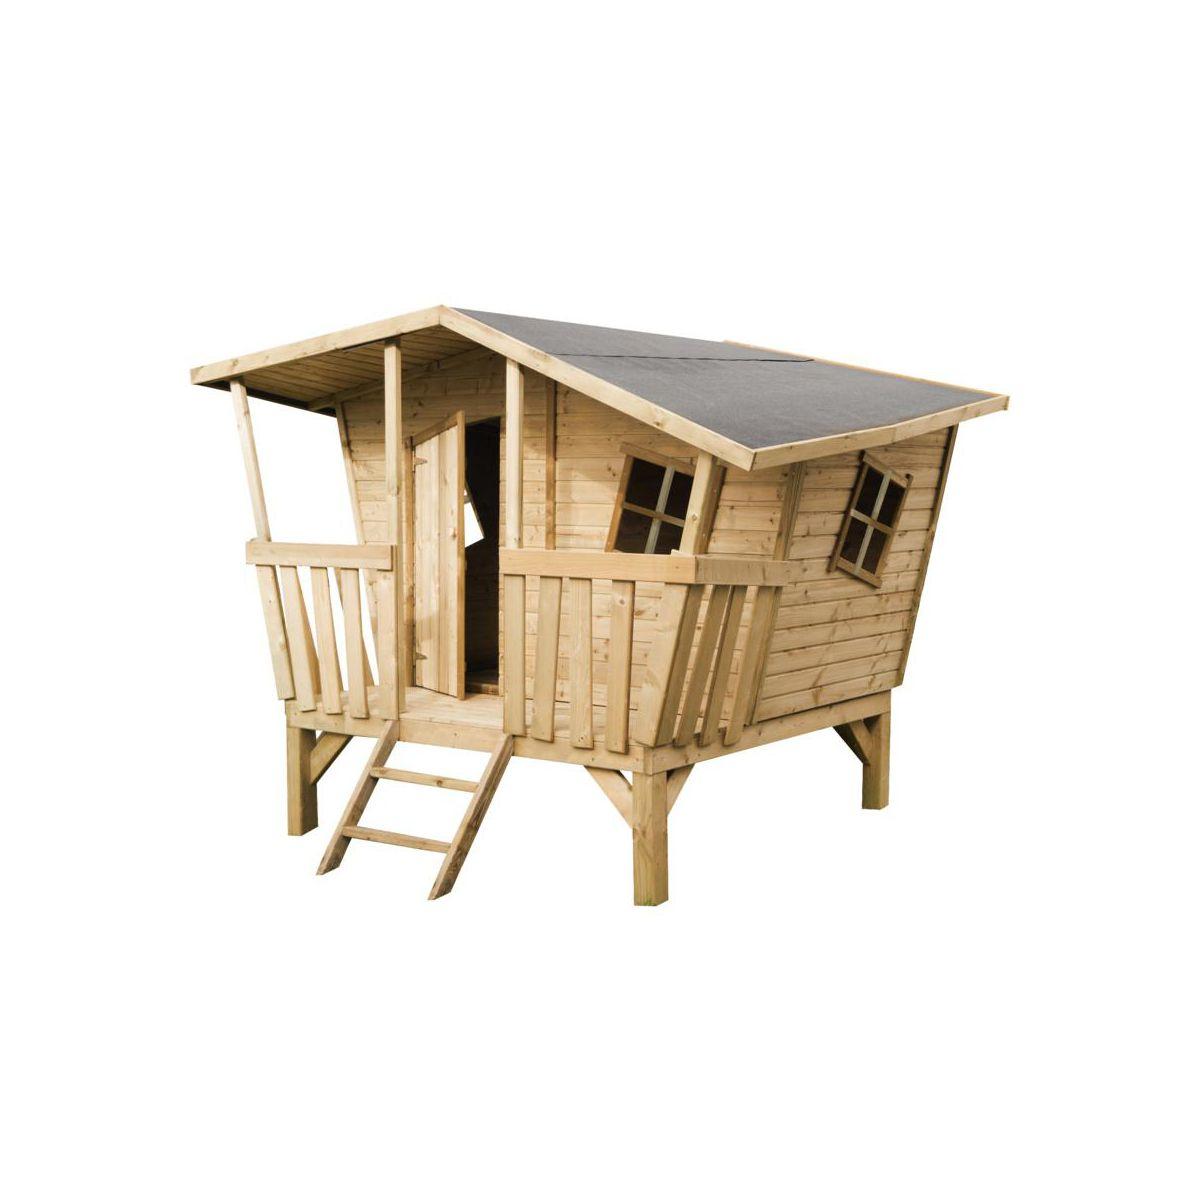 Domek drewniany dla dzieci CRAZY 245 x 180 x 205 cm WERTH-HOLZ